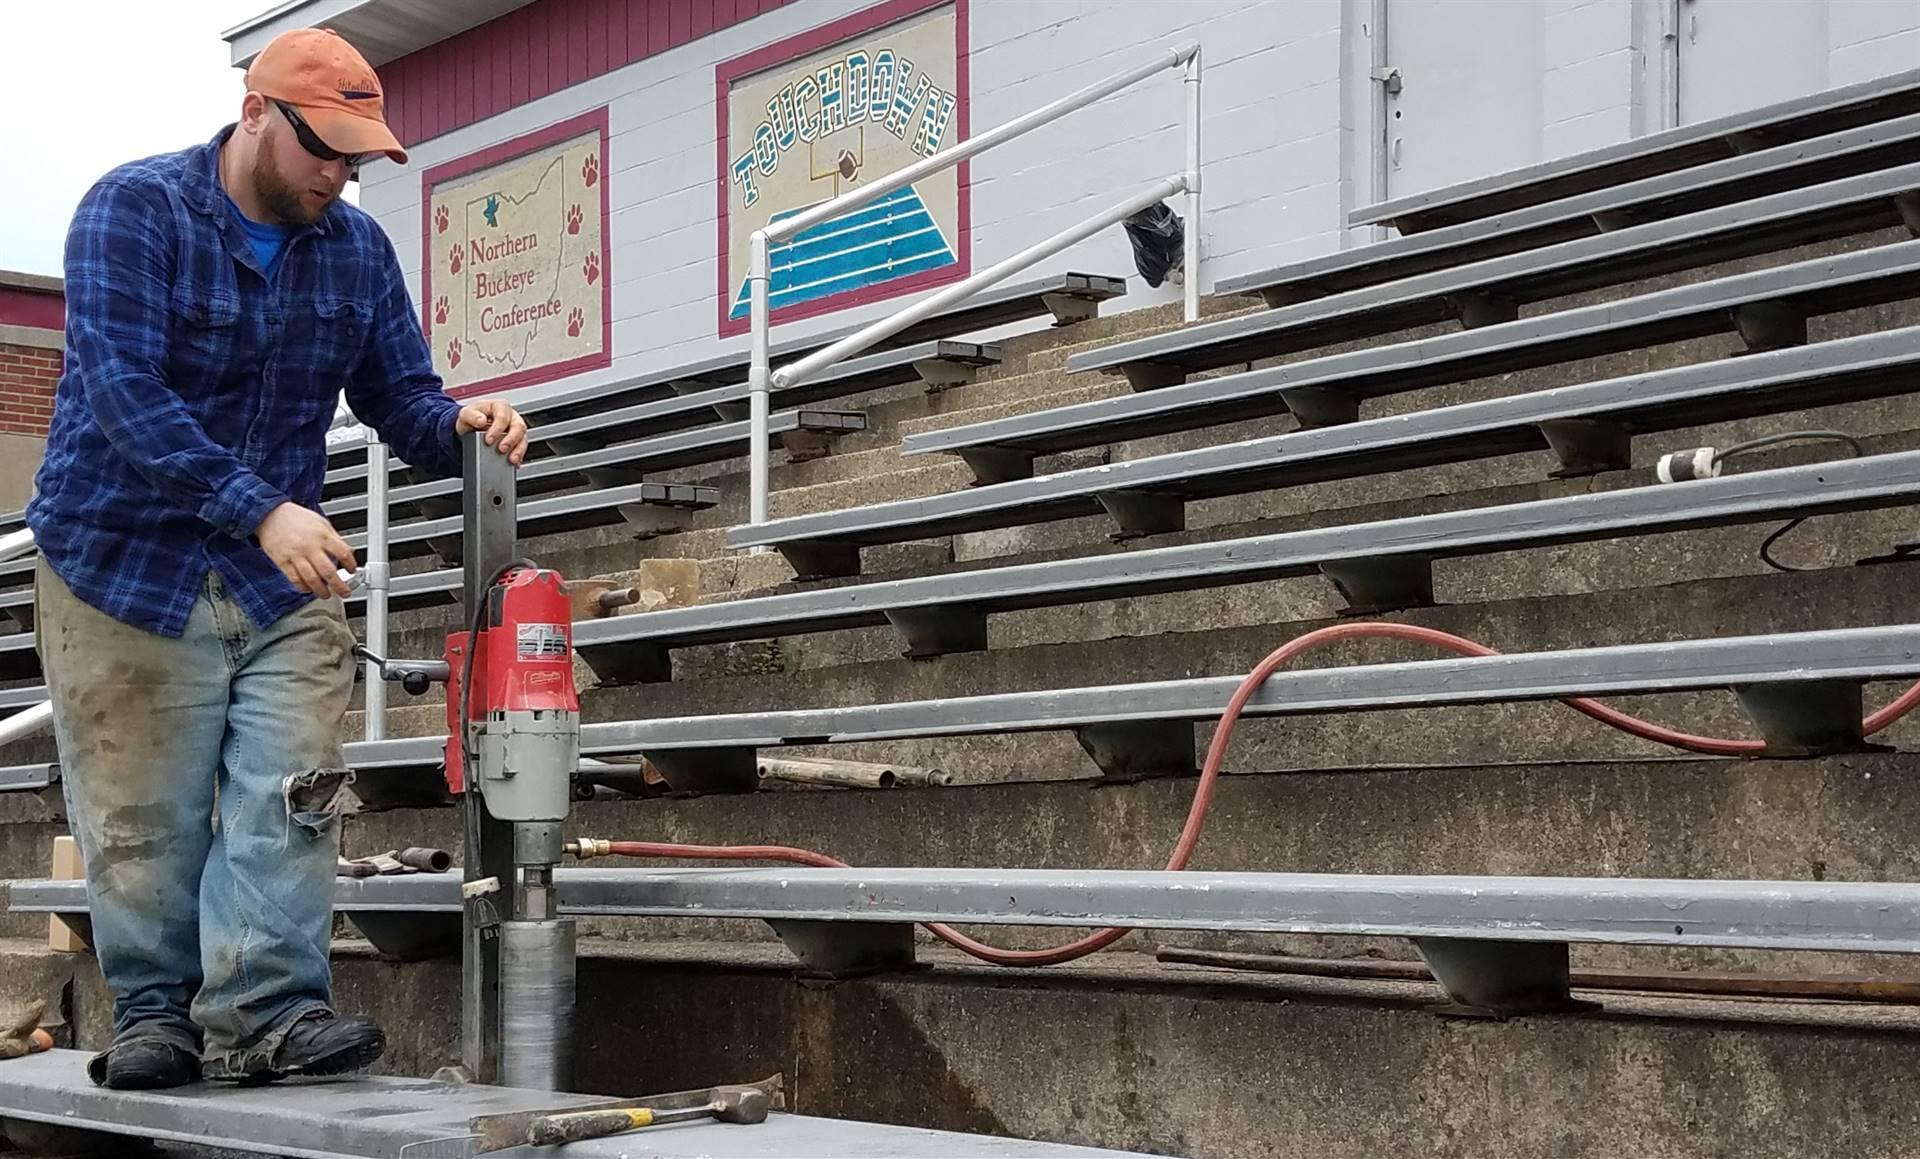 Working doing maintenance to football stadium